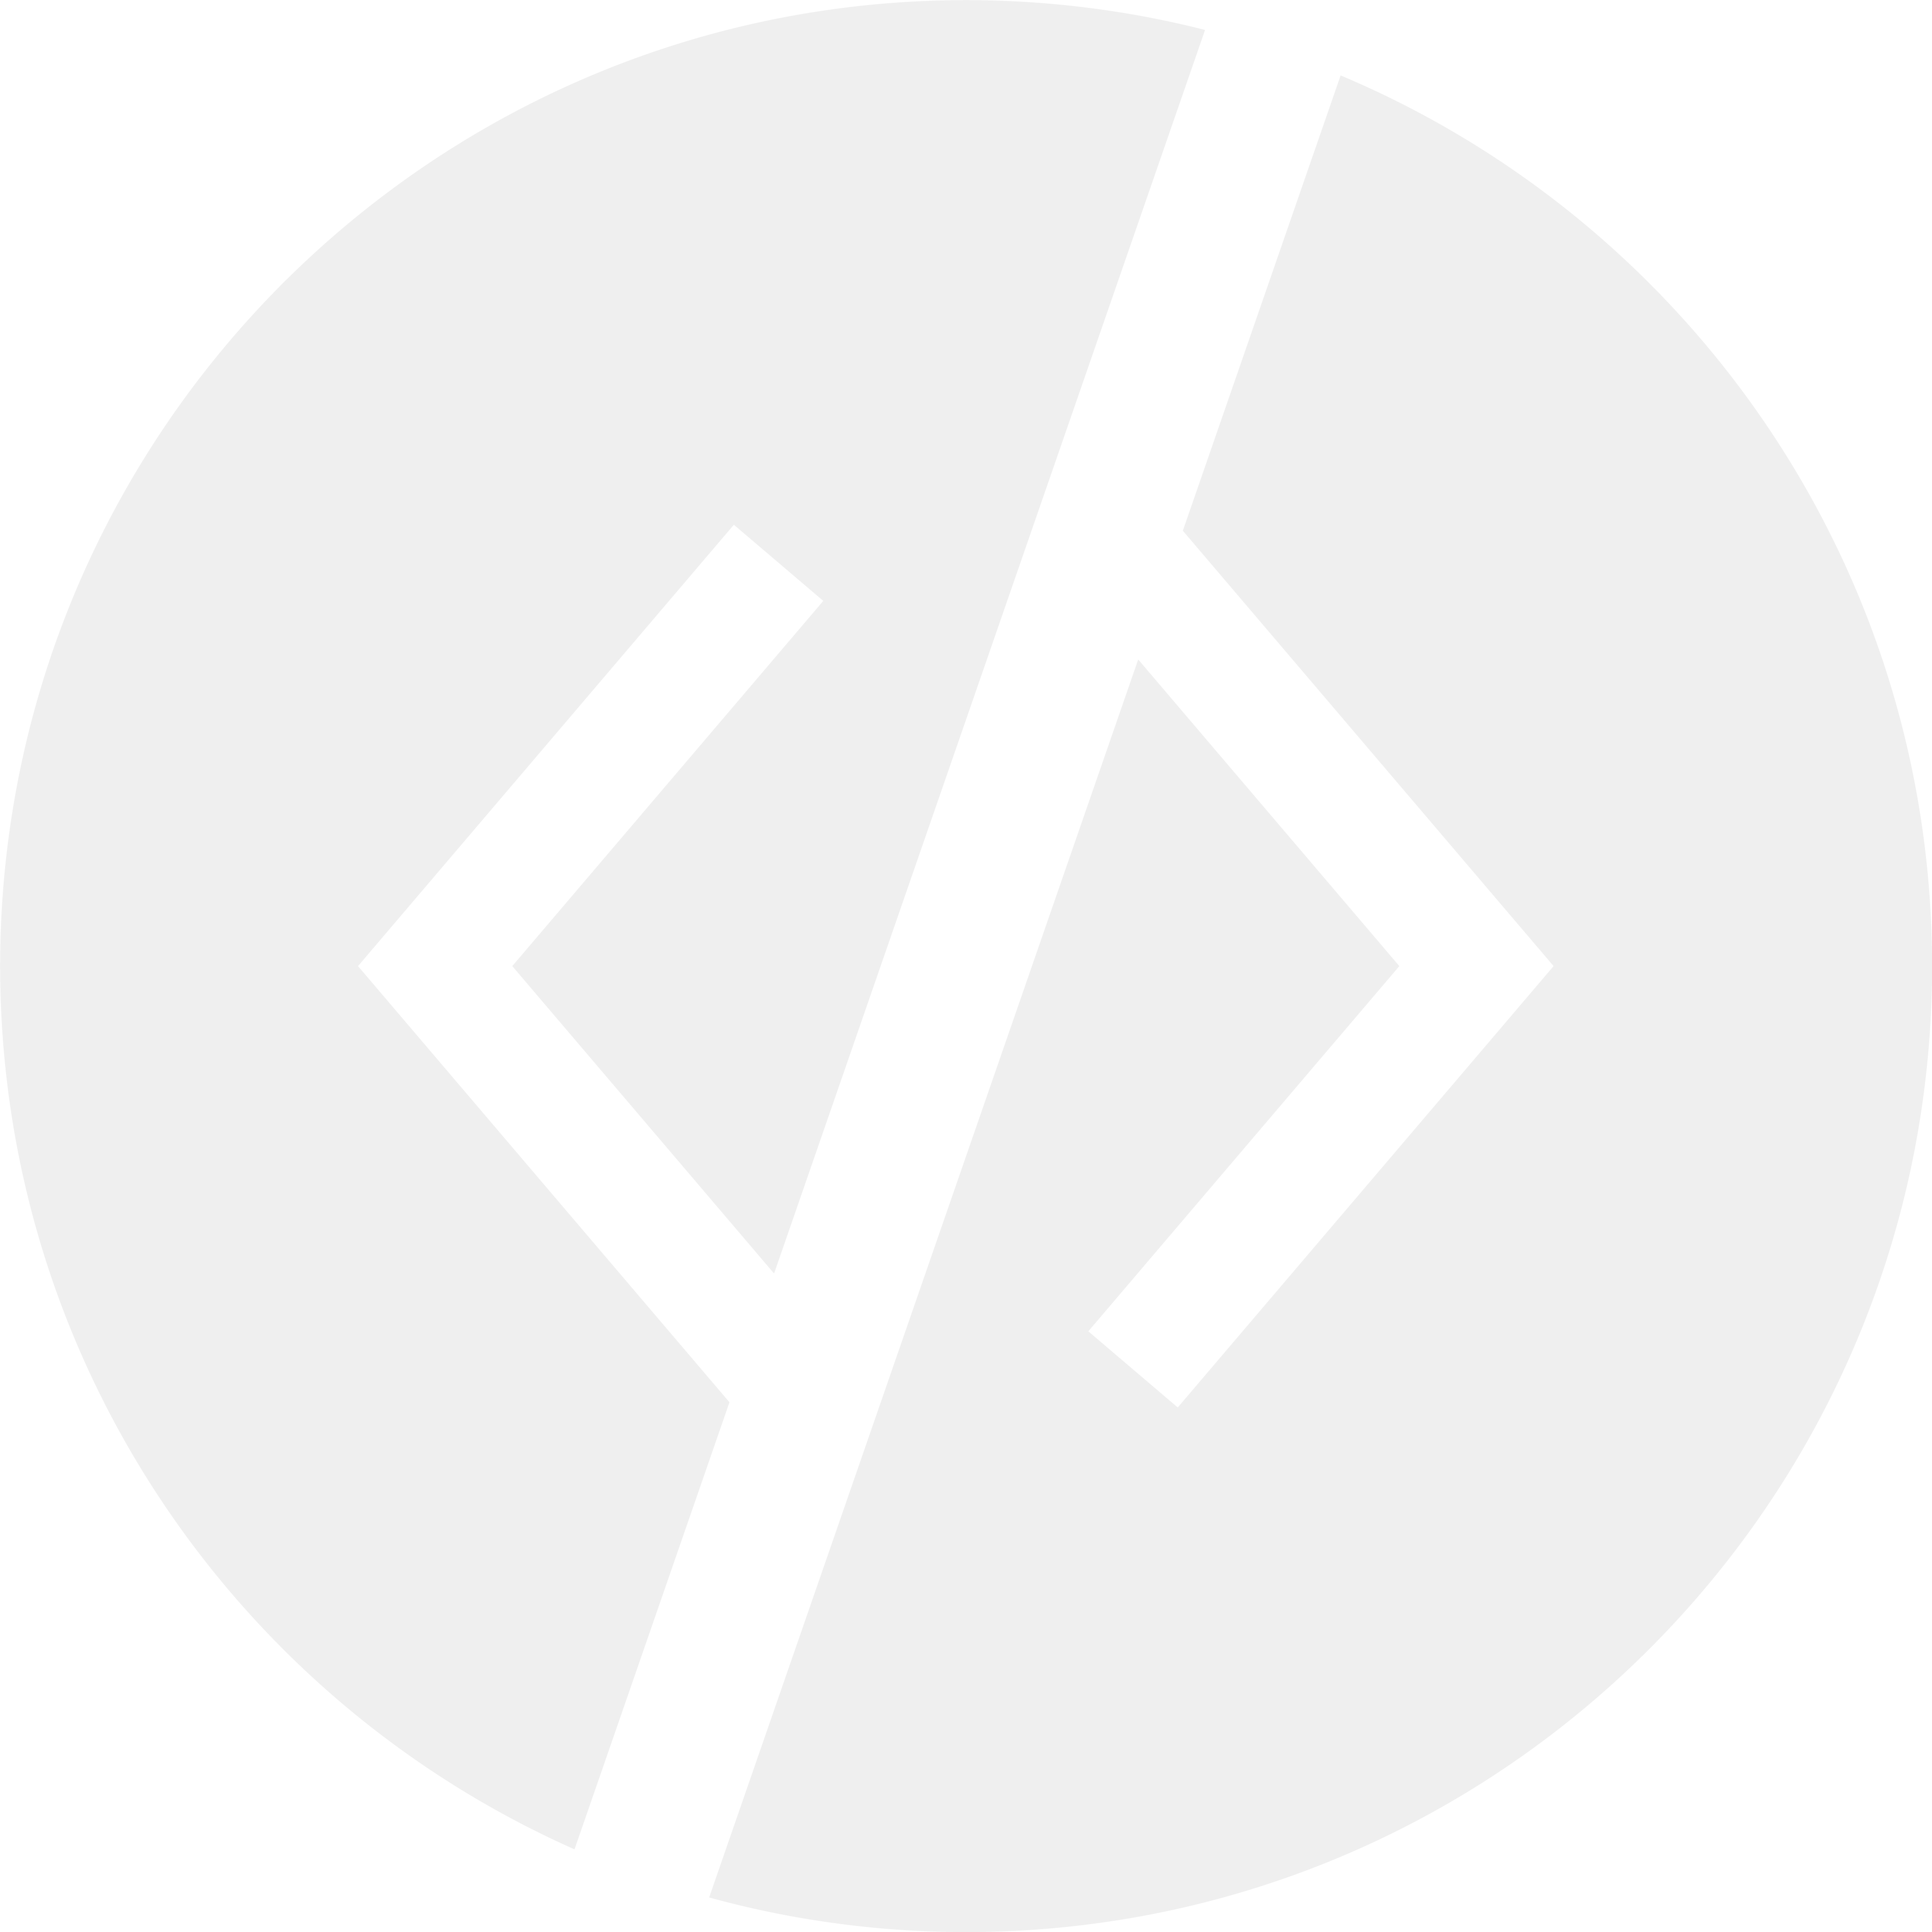 Iconium Media web icon